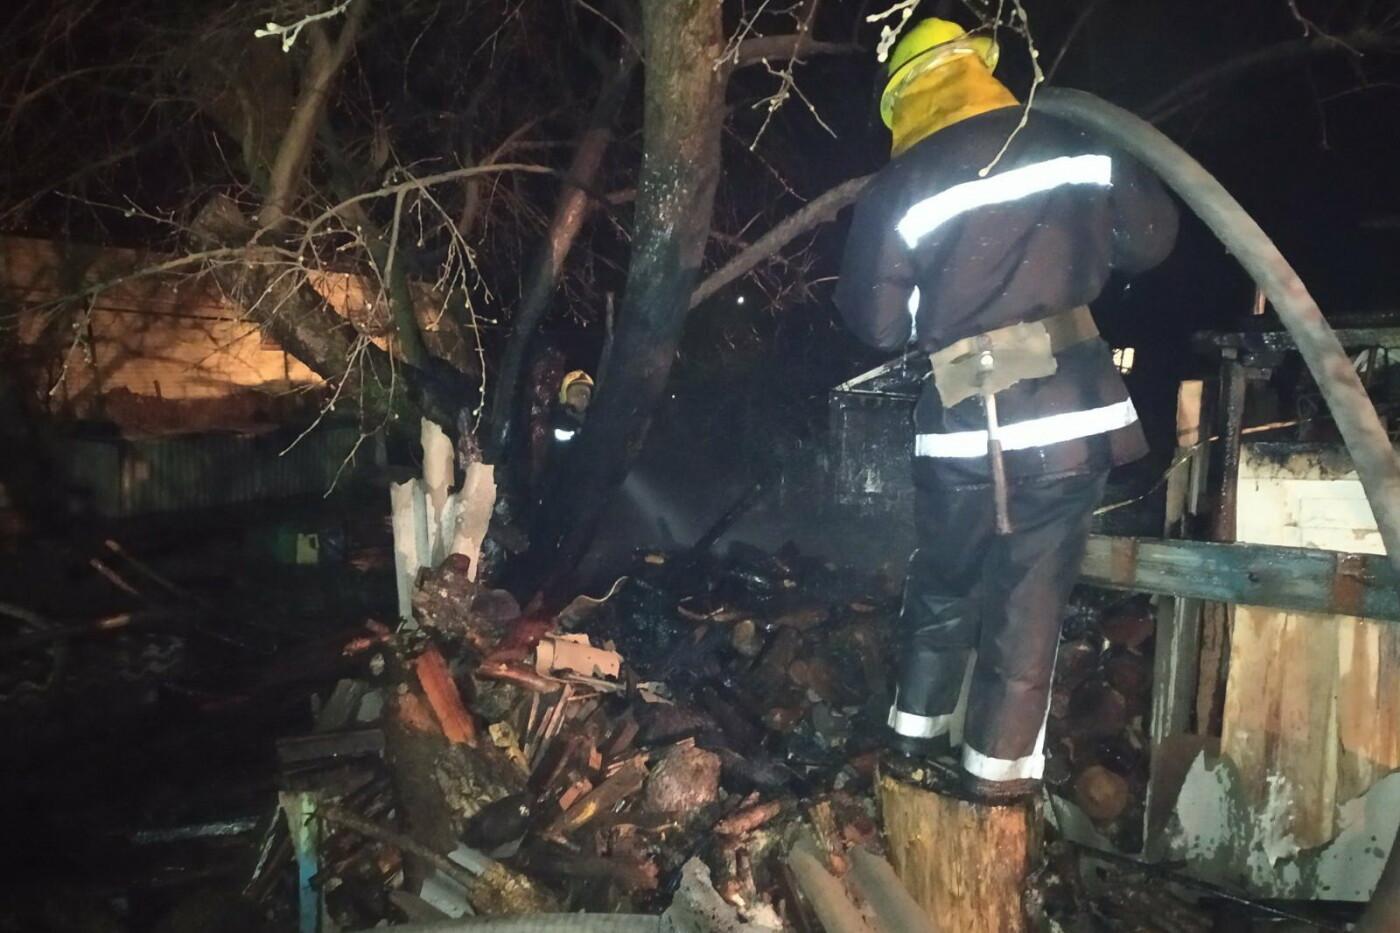 На Харьковщине спасатели тушили сотню пожаров в природных экосистемах: пострадала женщина, - ФОТО, фото-4